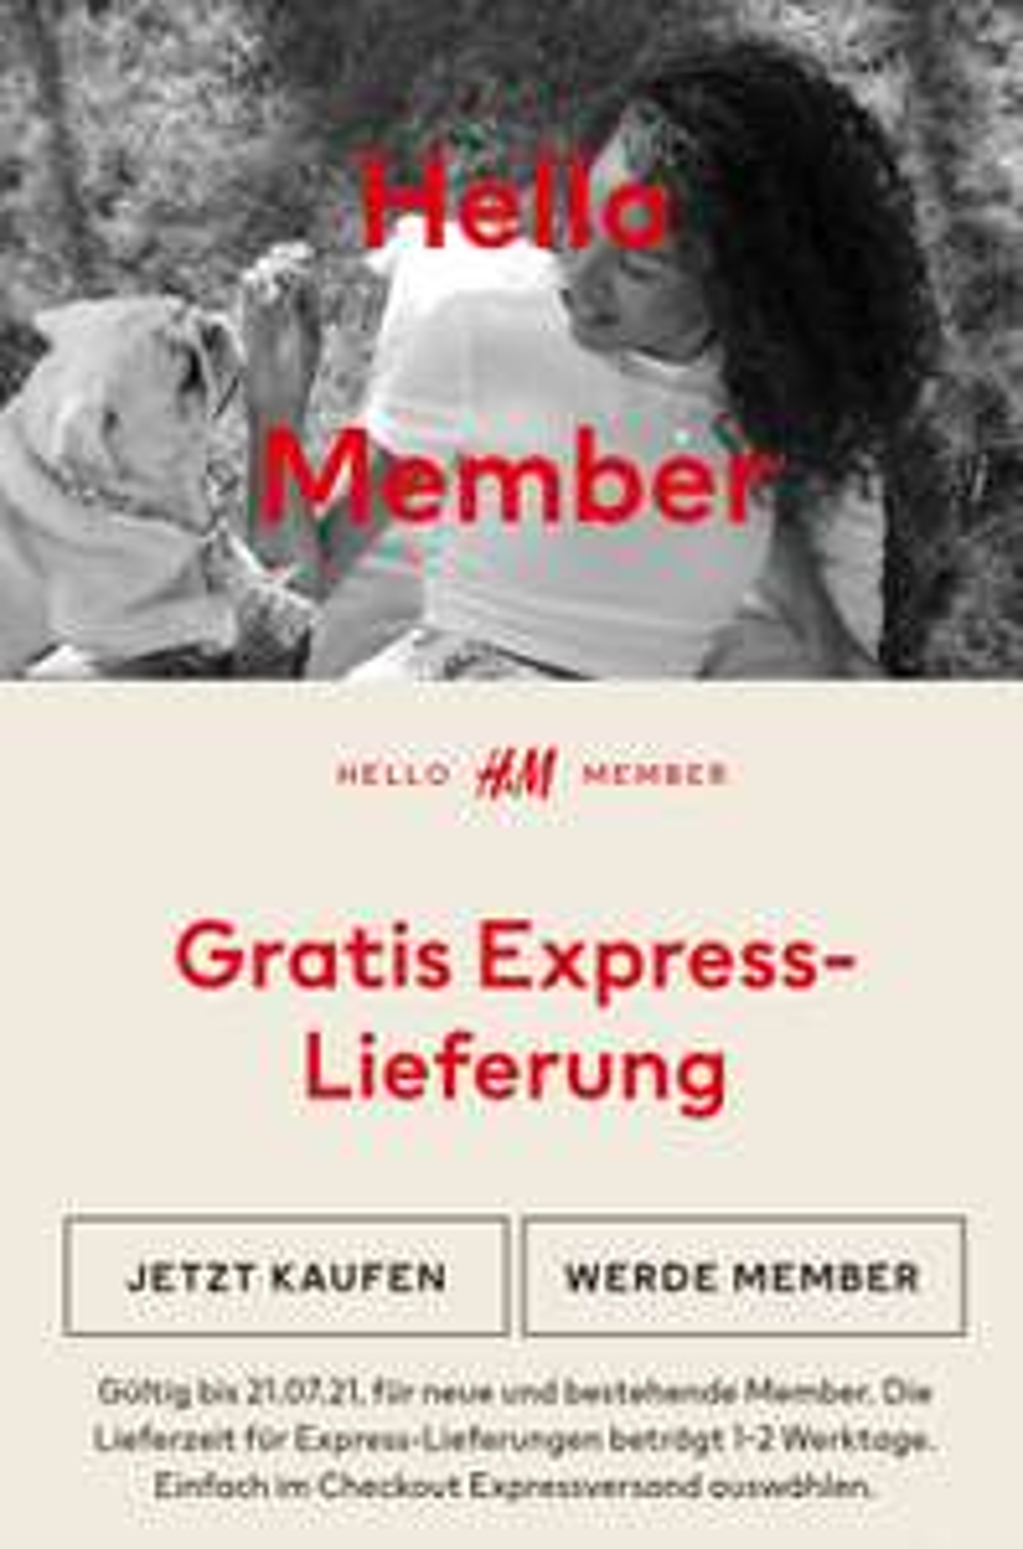 Gratis Express-Lieferung ohne MBW für Member [H&M]